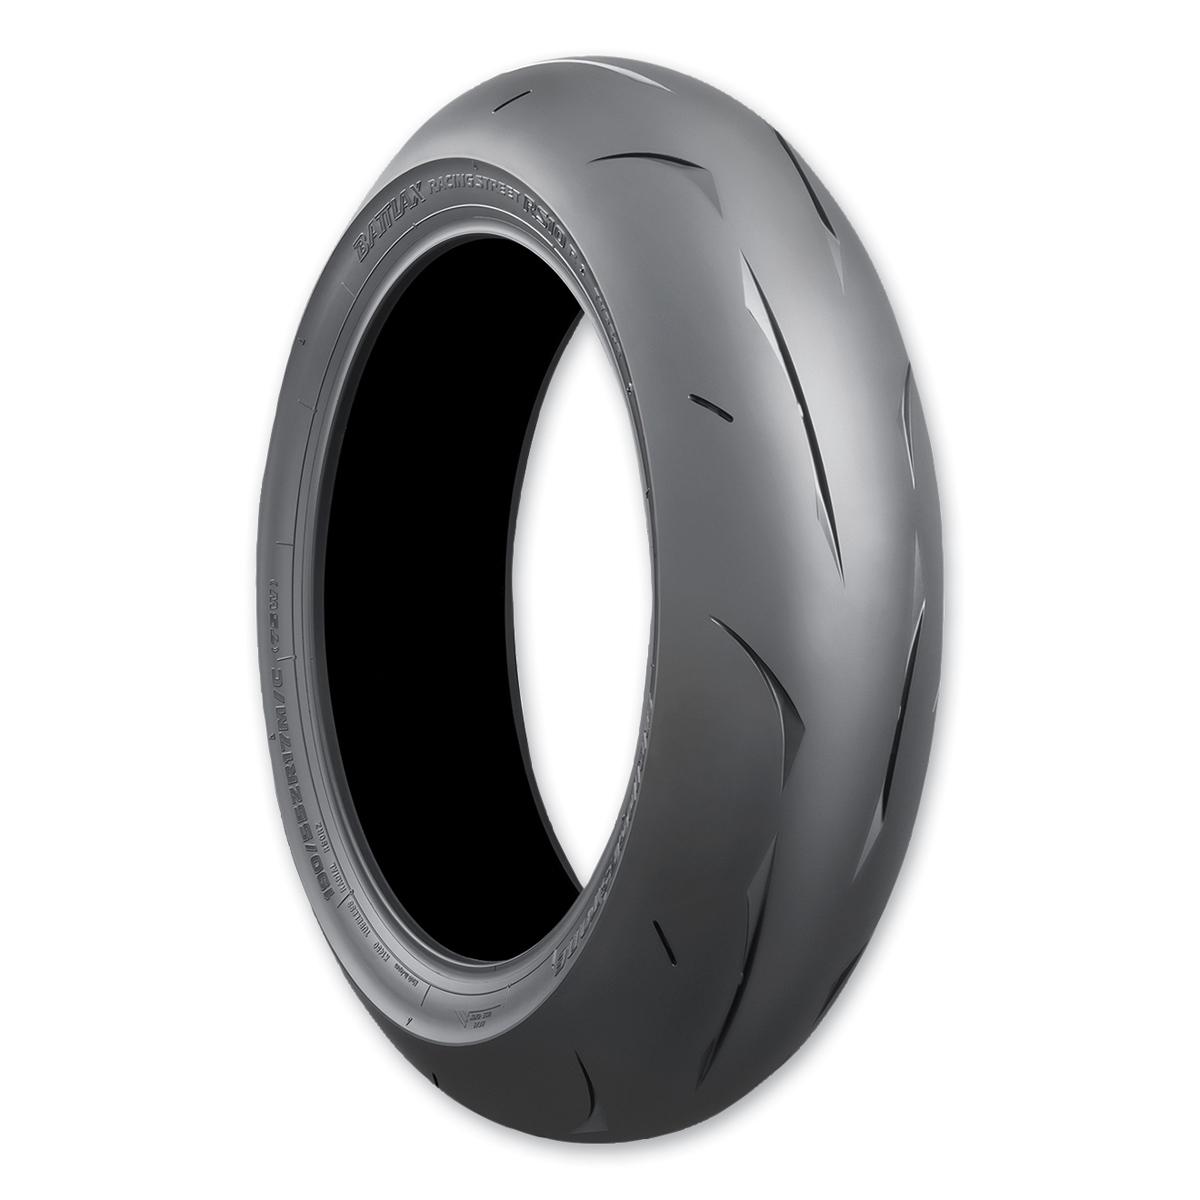 Bridgestone Battlax RS10-M 190/55ZR17 Rear Tire